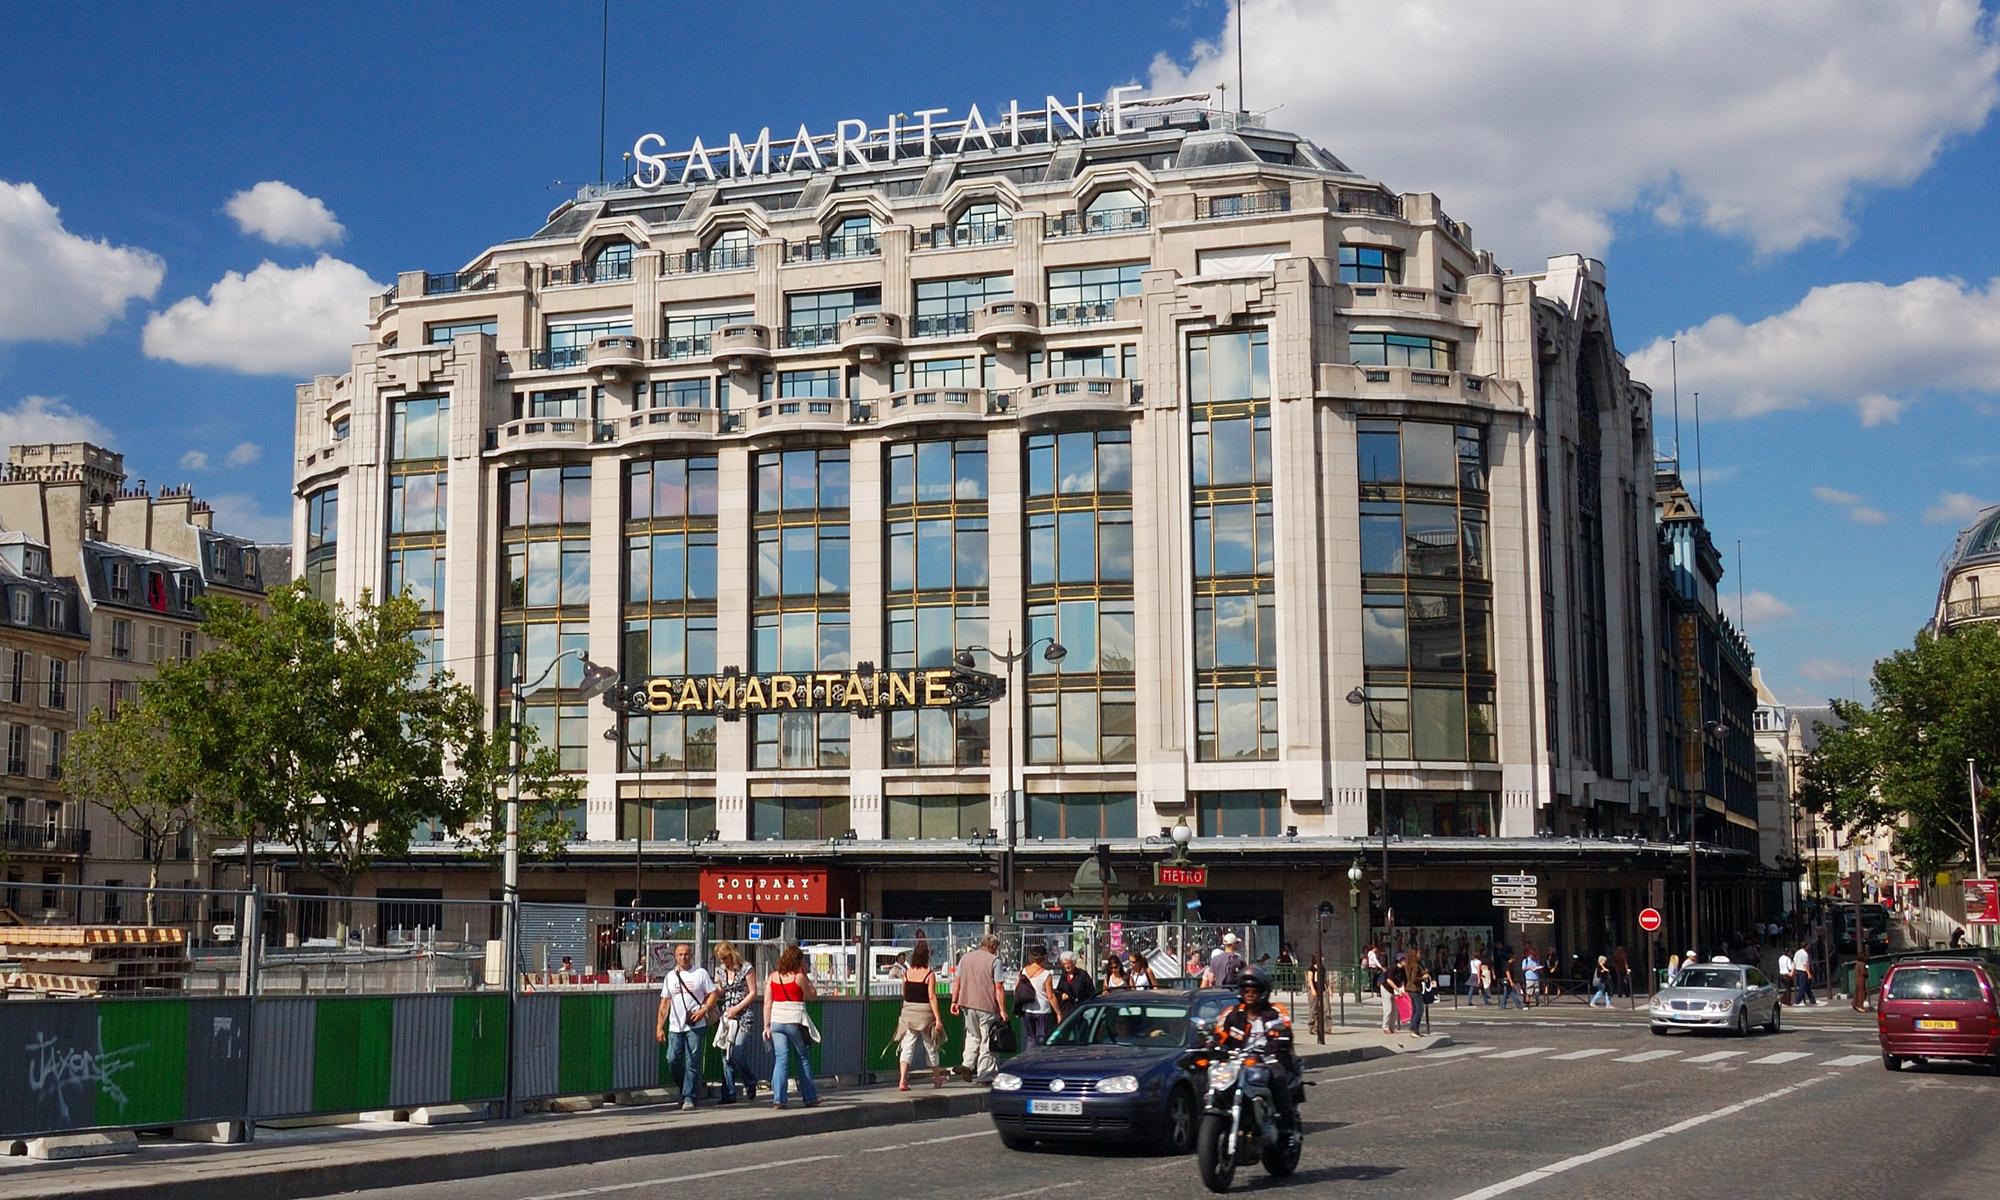 停业 15 年后,法国莎玛丽丹百货将于明年 4 月重新开业